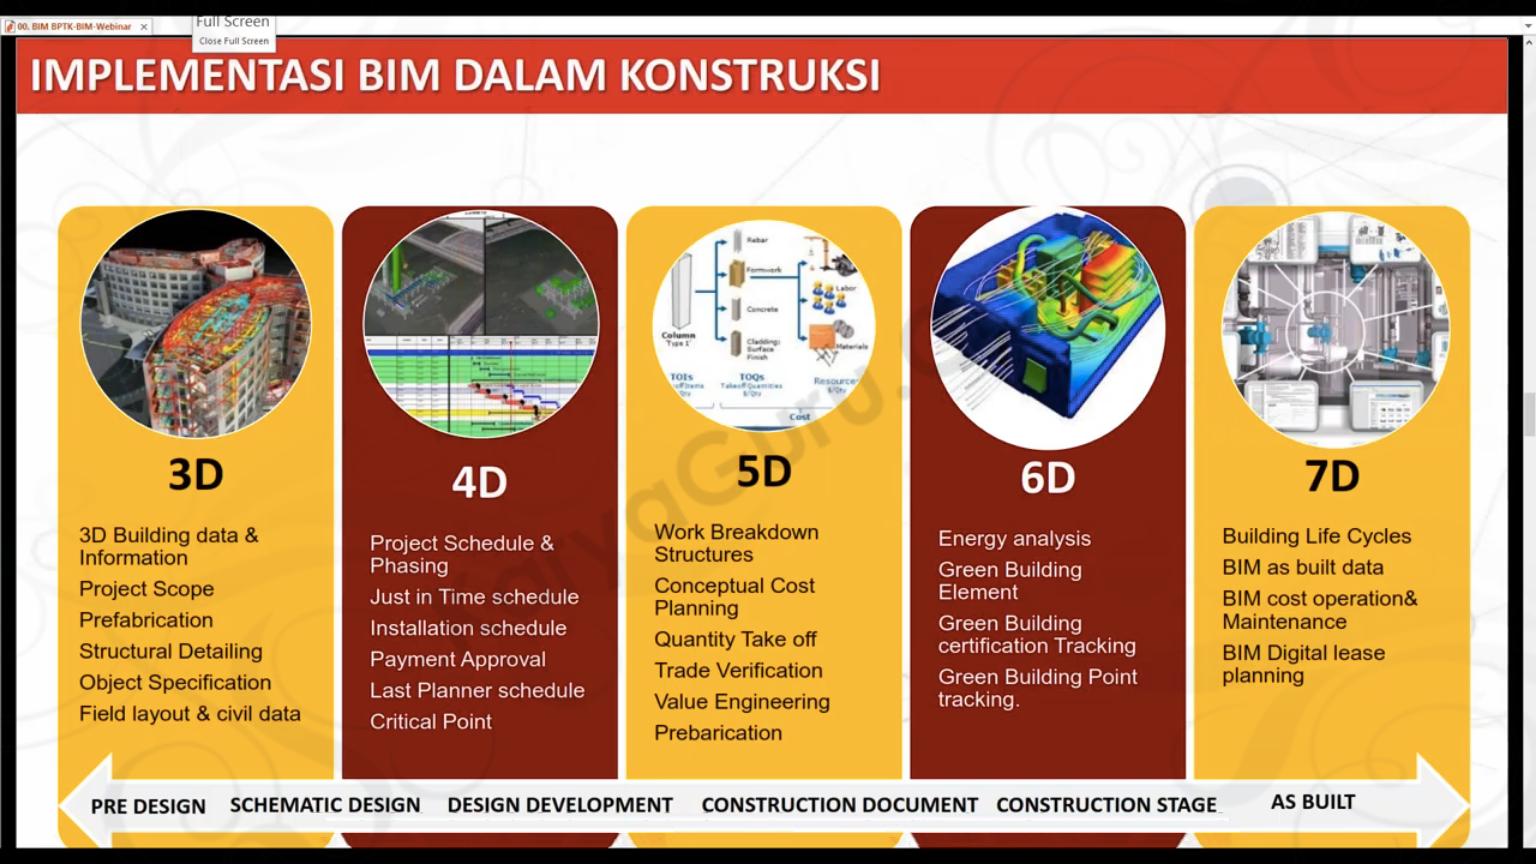 Implementasi BIM dalam Konstruksi